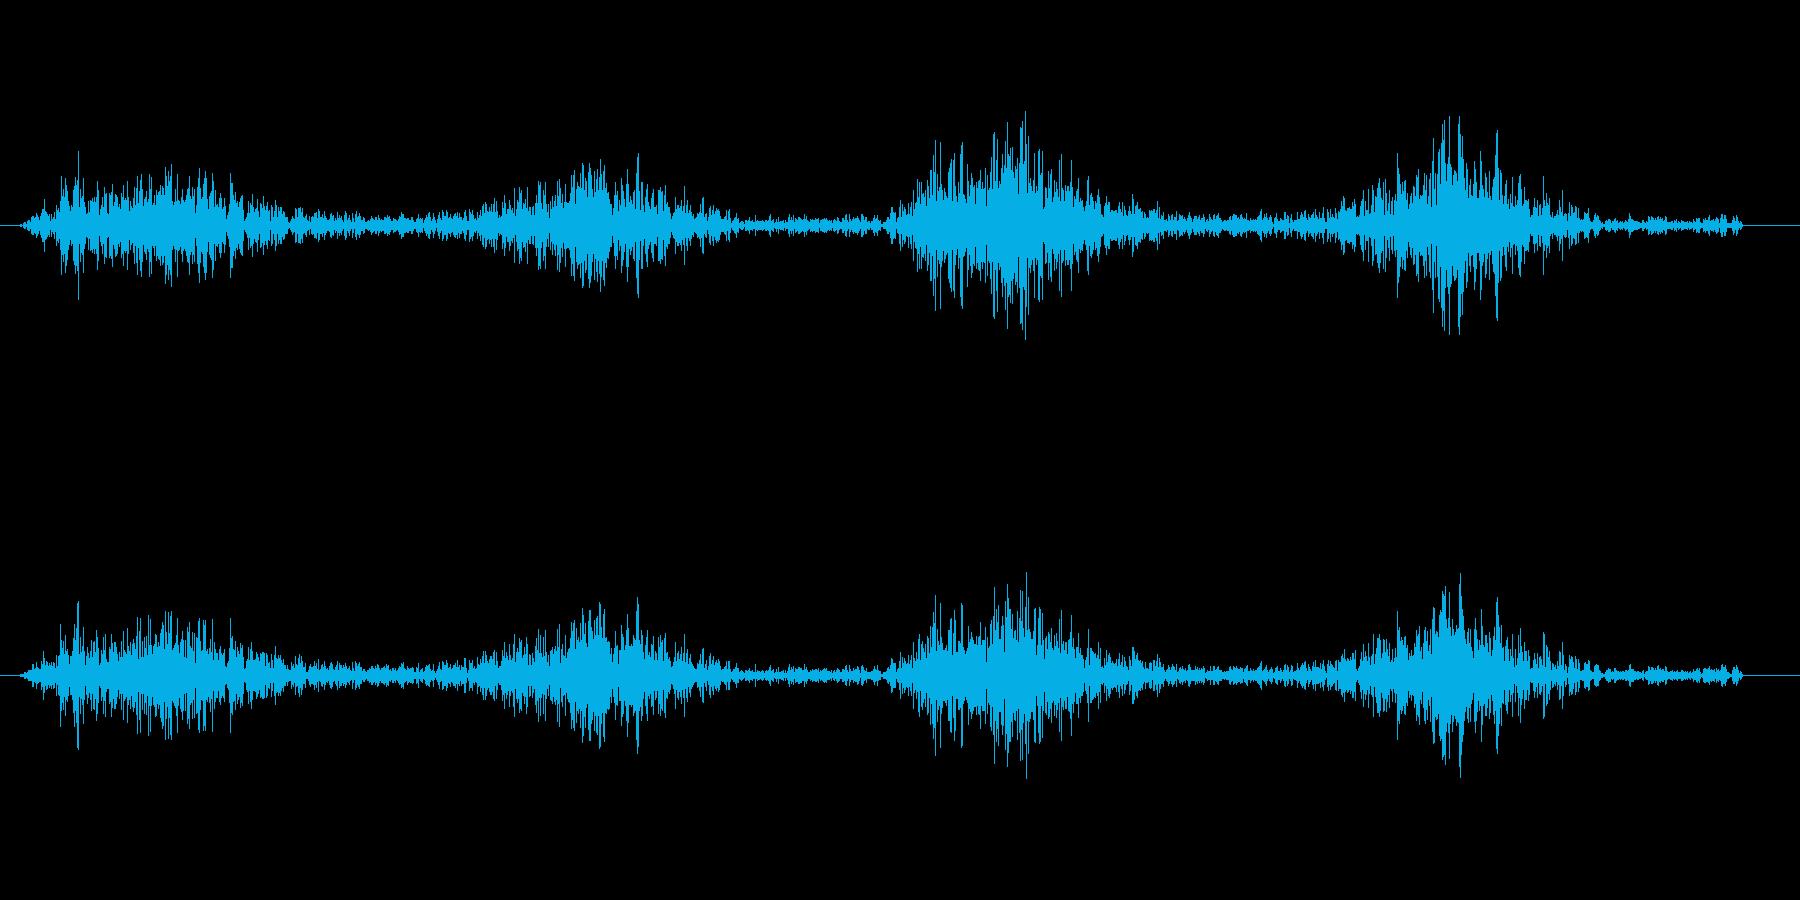 シャワシャワッ(素早い動き)の再生済みの波形